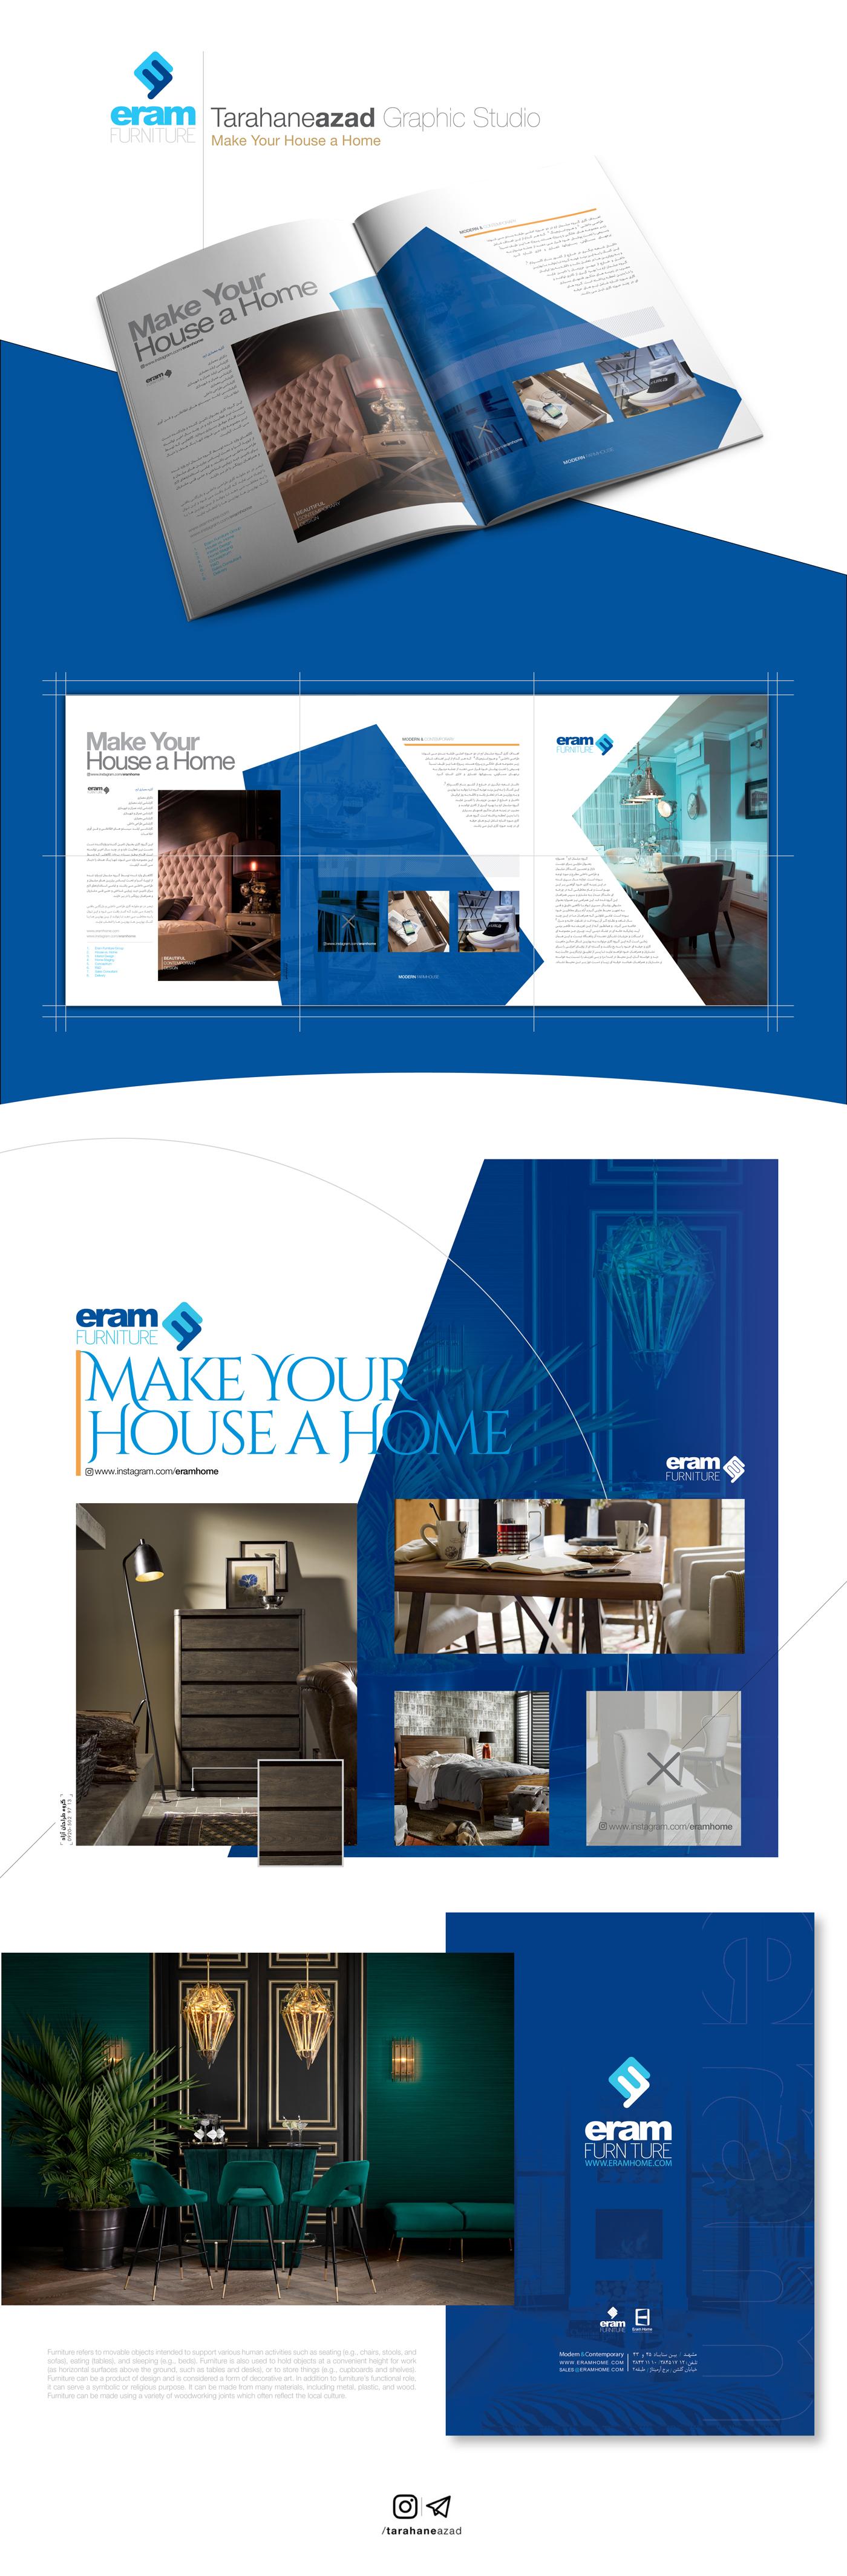 طراحی تبلیغات داخل مجله مبلمان ارم